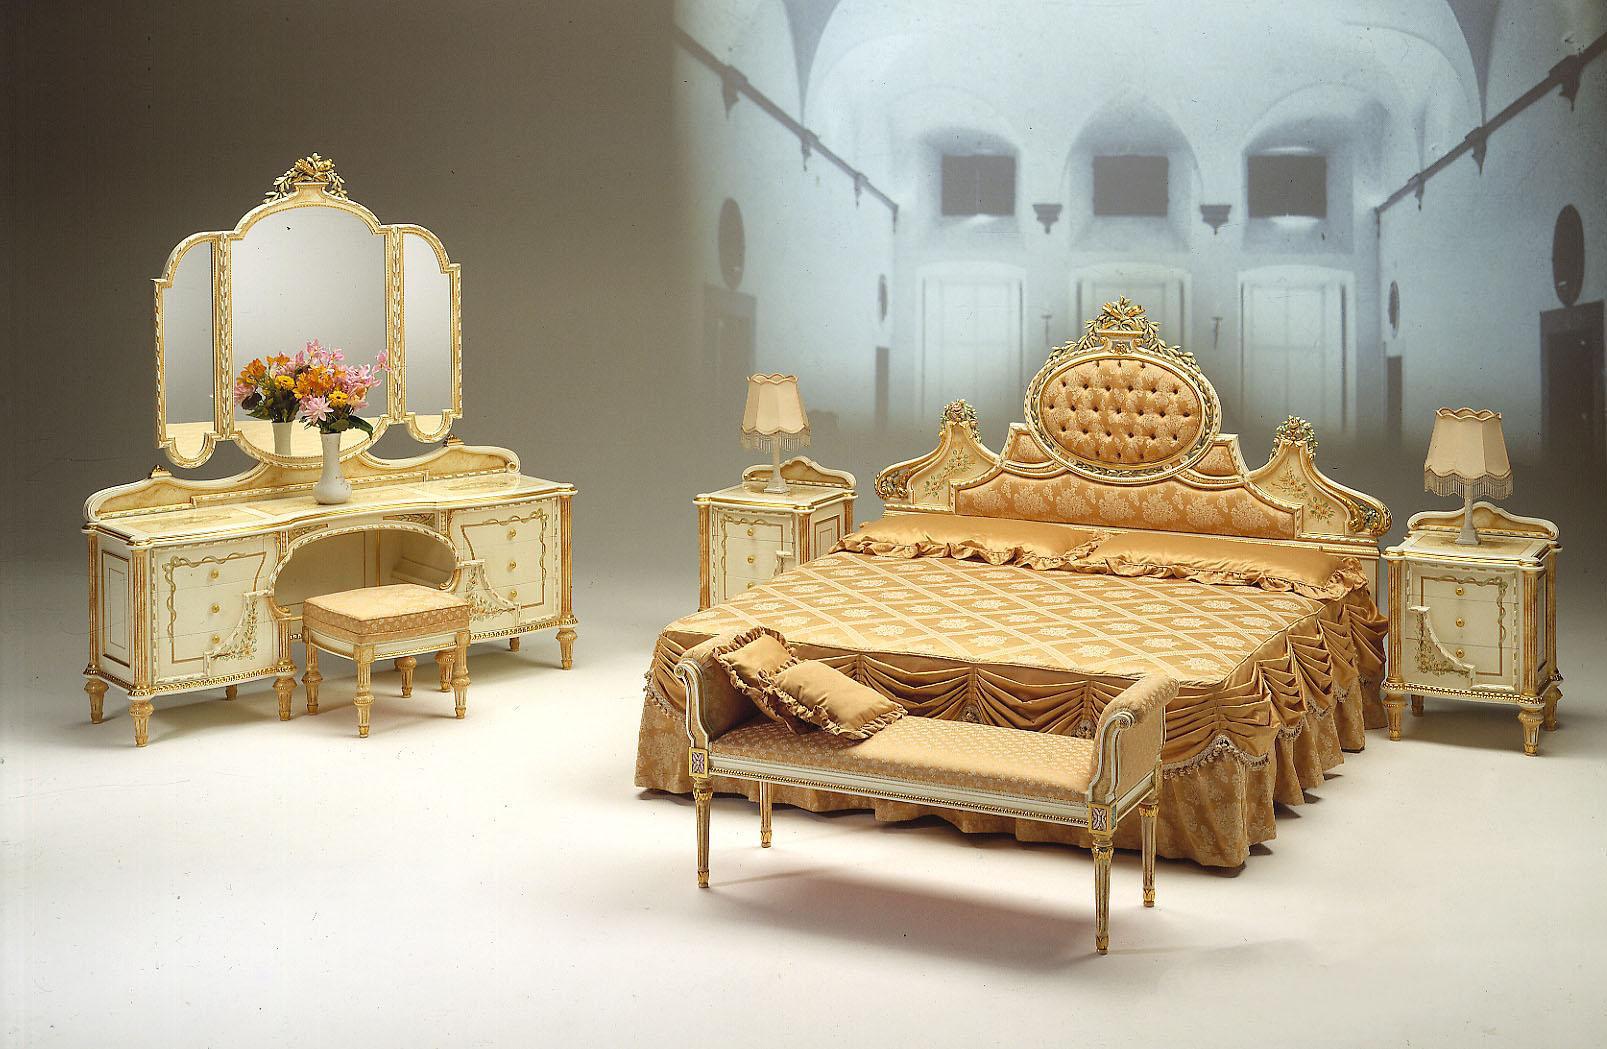 Camera letto luigi xvi jasmine - Camera da letto luigi filippo ...